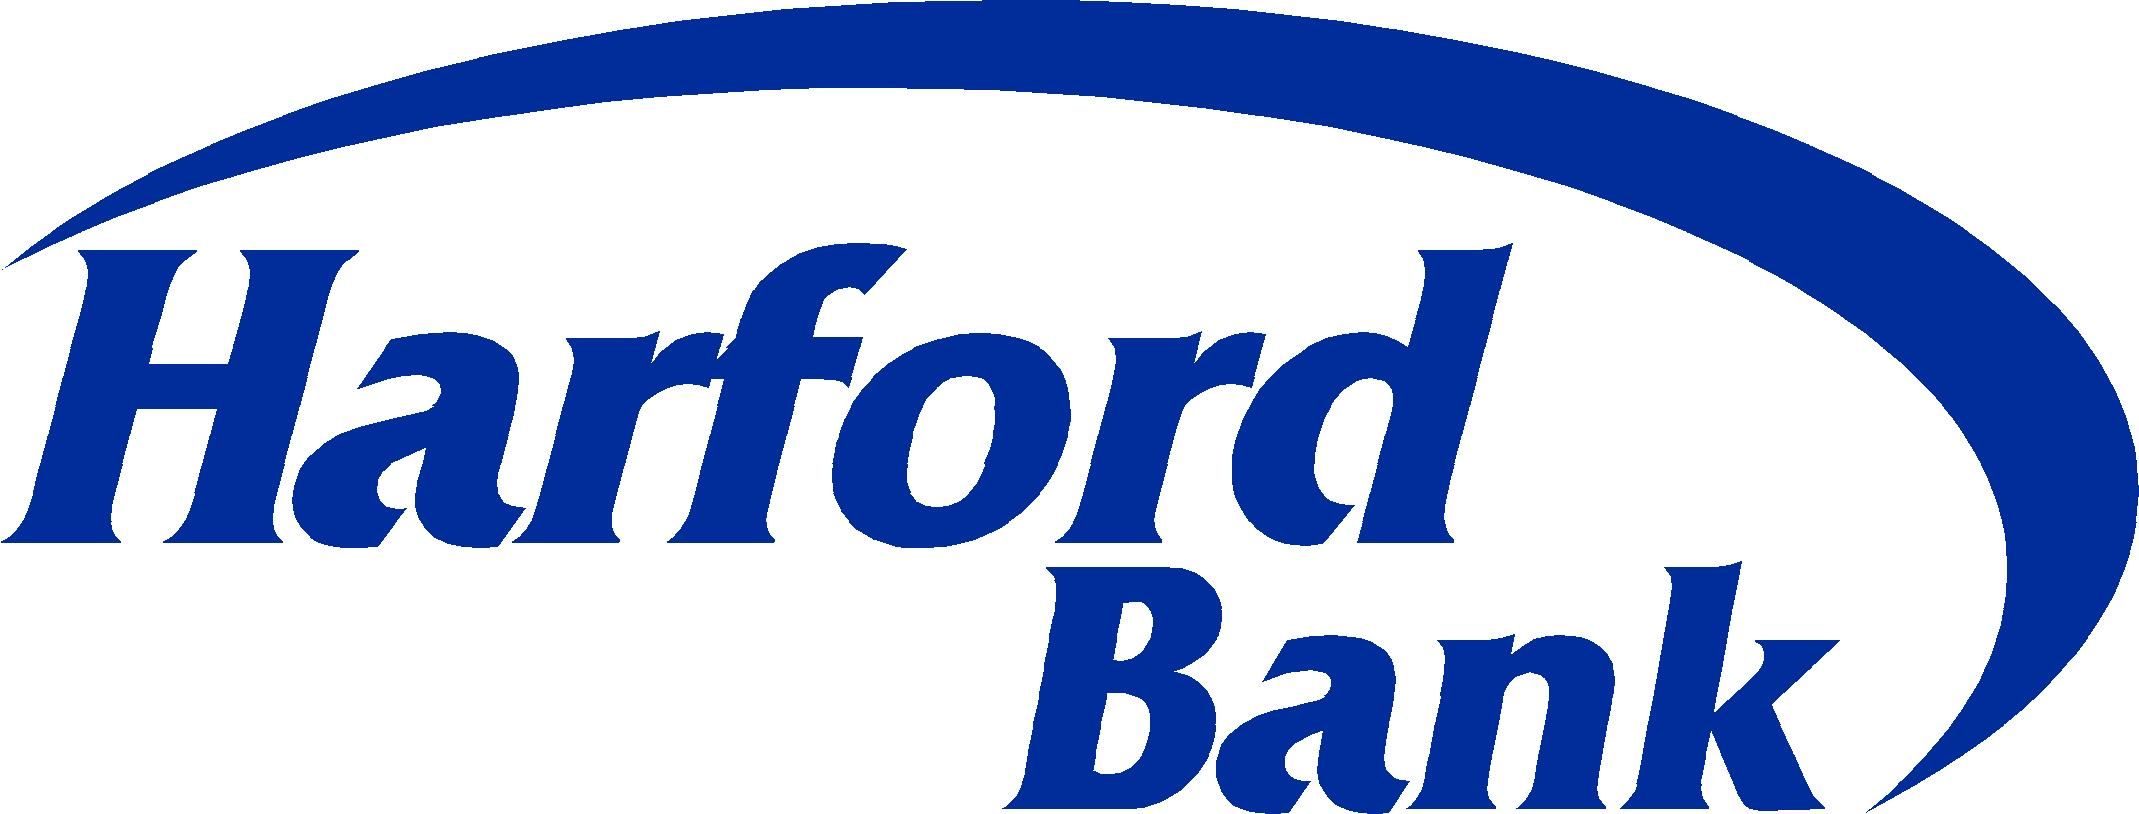 Harford Bank logo